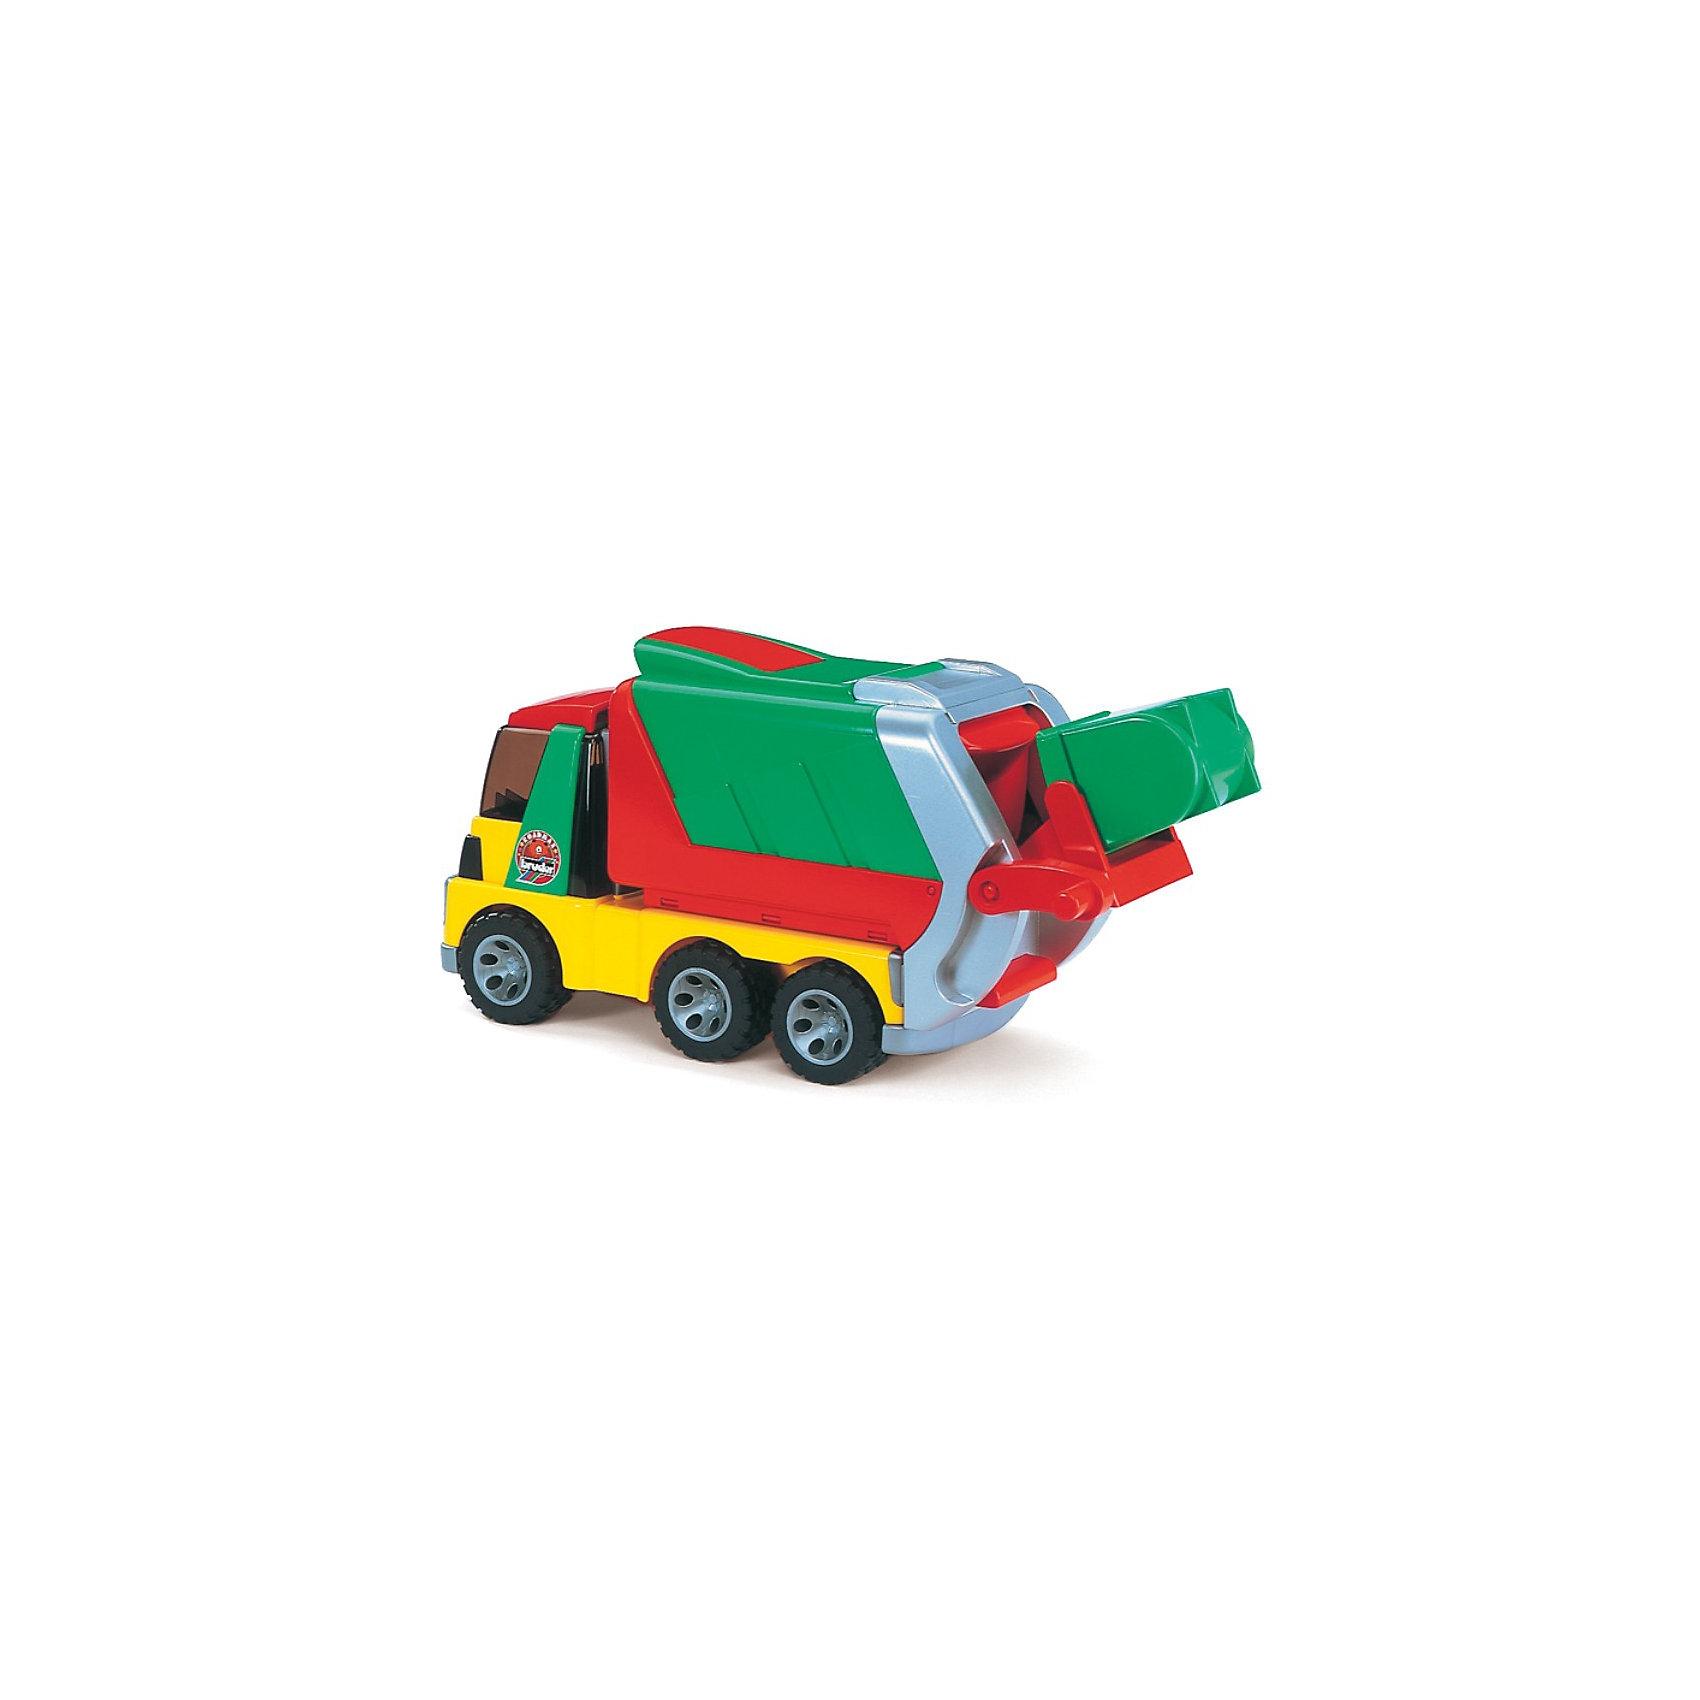 Мусоровоз ROADMAX, BruderМашинки<br>Красочный мусоровоз Roadmax от Bruder (Брудер) понравится всем юным любителям техники. Машины Брудер отличает качественная проработка всех деталей и высокая реалистичность, Ваш ребенок в увлекательной форме познакомится с особенностями работы дорожно-строительной техники и откроет для себя множество новых профессий.<br>Мусоровоз оборудован кабиной, передняя часть который откидывается, внутри два сиденья. Кузов поднимается для разгрузки на 45 градусов, при этом откидывается задний борт. В первоначальном положении кузов надёжно фиксируется защёлкой, сверху открывается крышка. Модель оборудована подъемным механизмом для разгрузки мусорных баков, которым легко управлять с помощью специальной ручки. Механизм позволяет переворачивать контейнер почти на 180 градусов и полностью разгружать мусор в кузов.<br><br>Съемный контейнер для мусора легко вынимается и надежно крепится с помощью специальной защелки. Задний борт кузова имеет подвижную дверку-шторку и выдвигается с помощью телескопического механизма. Машина имеет прорезиненные колеса с протекторами, обеспечивающие сохранность напольного покрытия. У игрушки скругленные углы, что делает ее безопасной для малышей.<br><br>Дополнительная информация:<br><br>- Материал: высококачественный пластик, резина. <br>- Размер грузовика: 40 х 16,5 х 24 см.<br>- Размер контейнера: 9 х 7 х 8 см. <br>- Размеры упаковки: 46 х 19 х 23,5 см. <br>- Вес: 1,665 кг. <br><br>Мусоровоз Roadmax, Bruder (Брудер) можно купить в нашем интернет-магазине.<br><br>Ширина мм: 468<br>Глубина мм: 243<br>Высота мм: 203<br>Вес г: 1696<br>Возраст от месяцев: 24<br>Возраст до месяцев: 60<br>Пол: Мужской<br>Возраст: Детский<br>SKU: 1519966